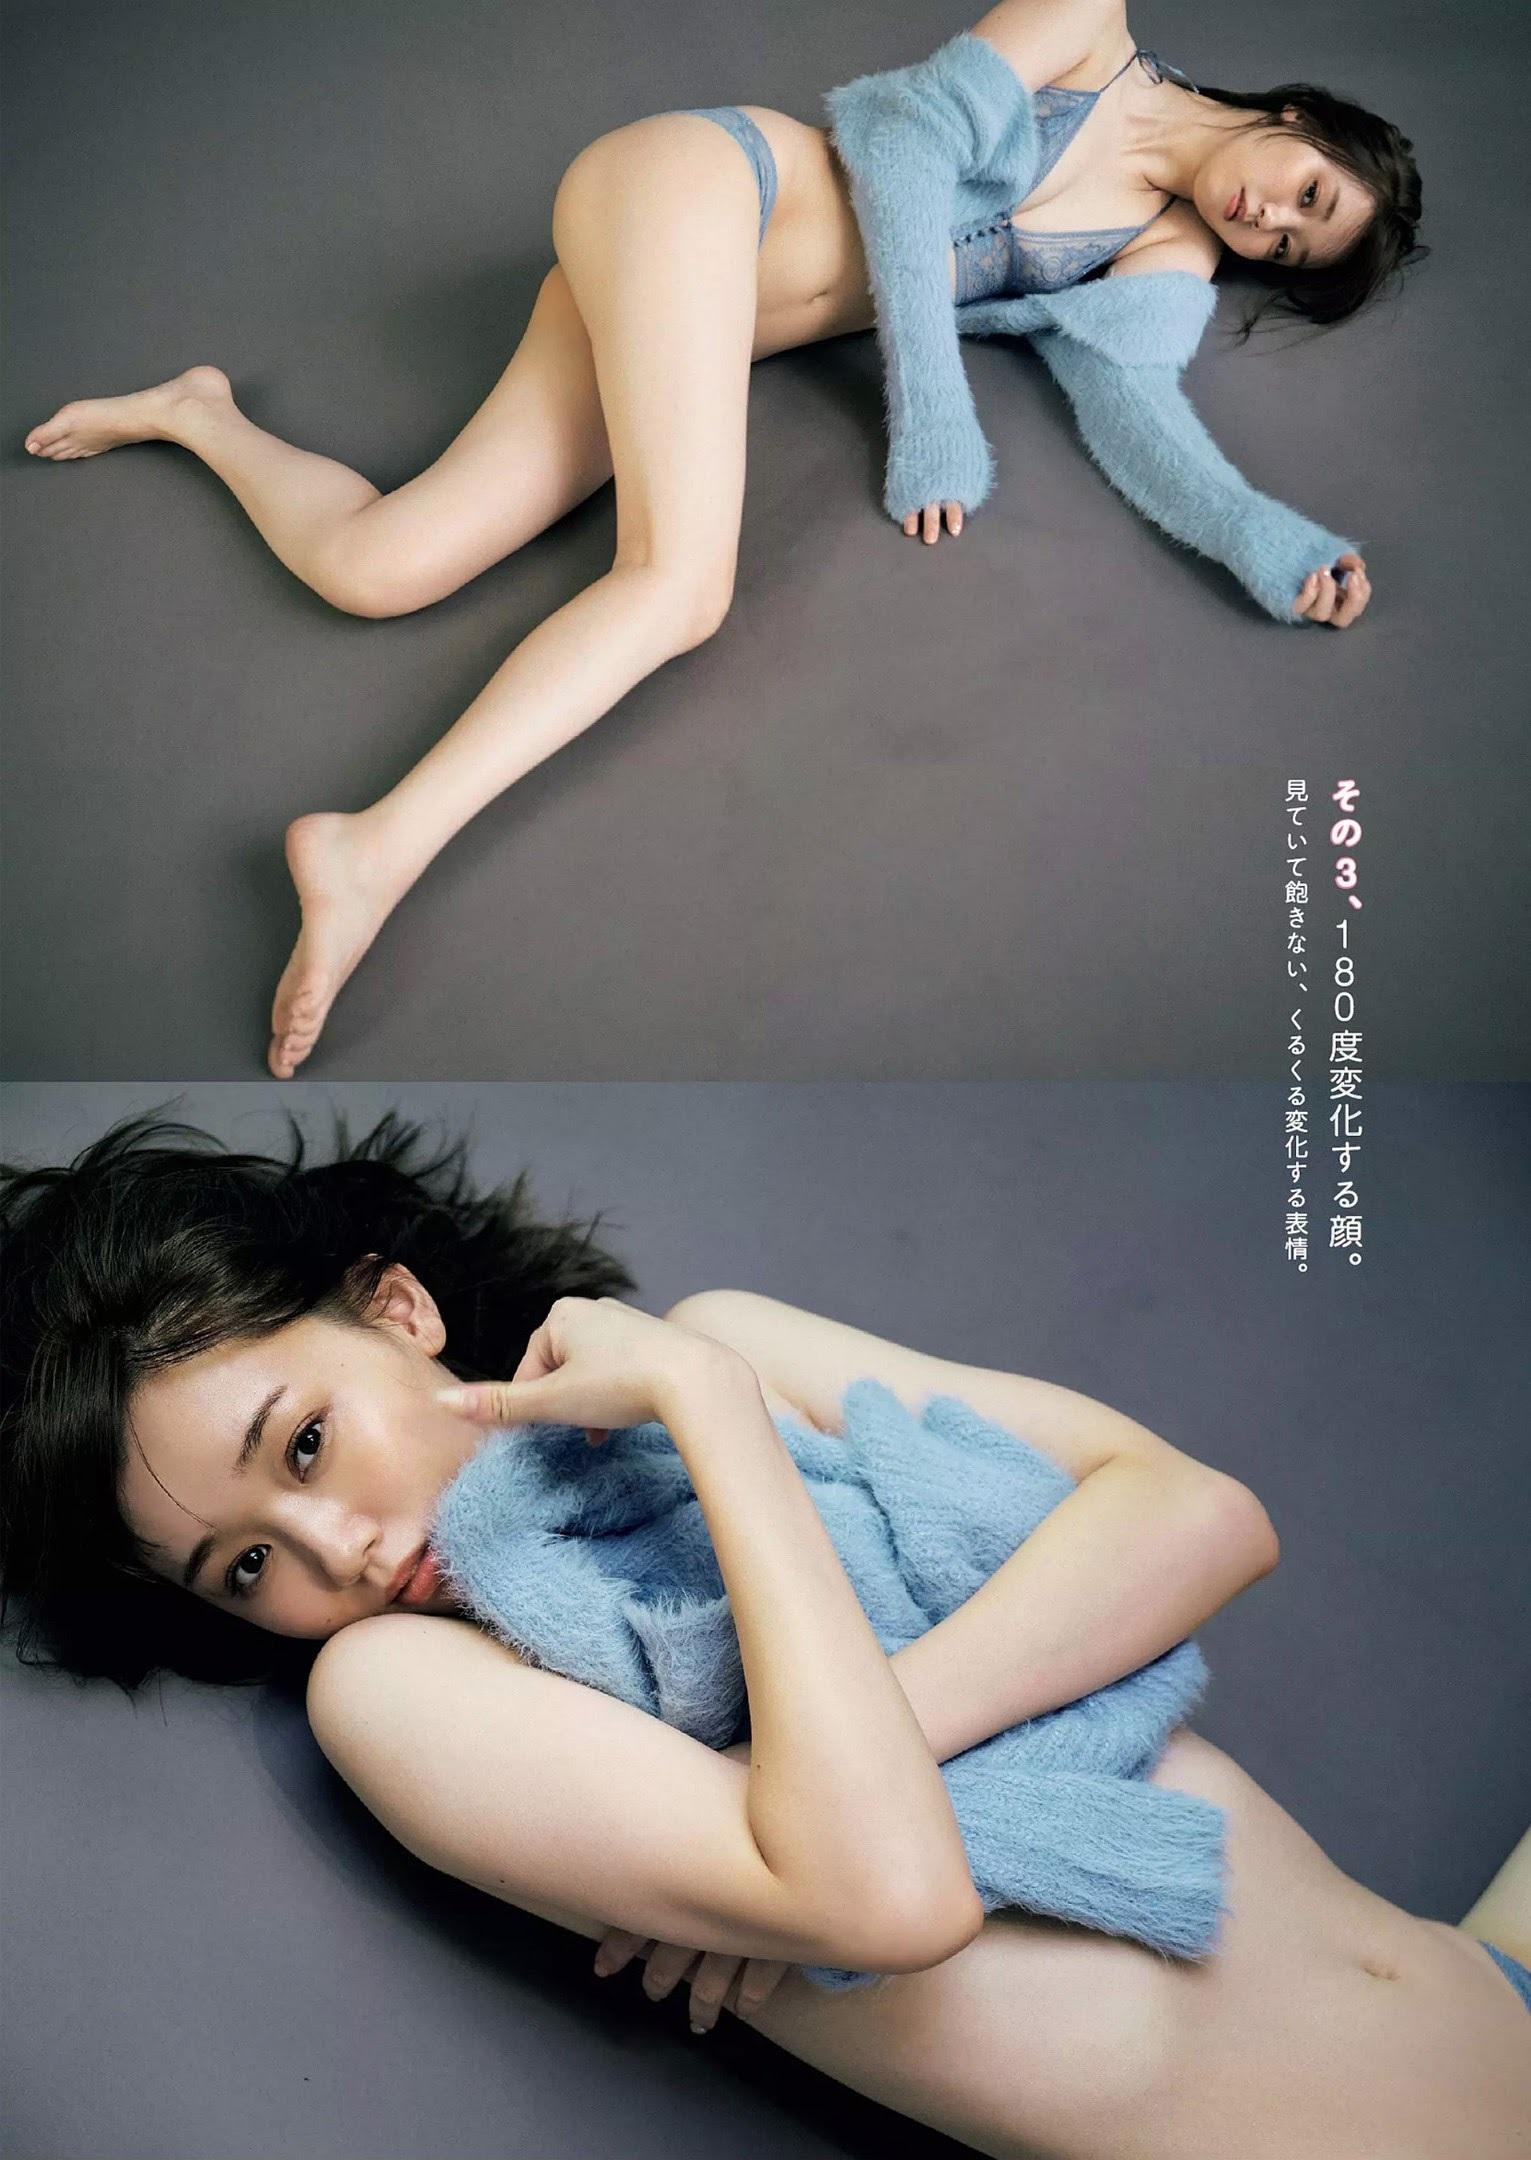 江野沢愛美23